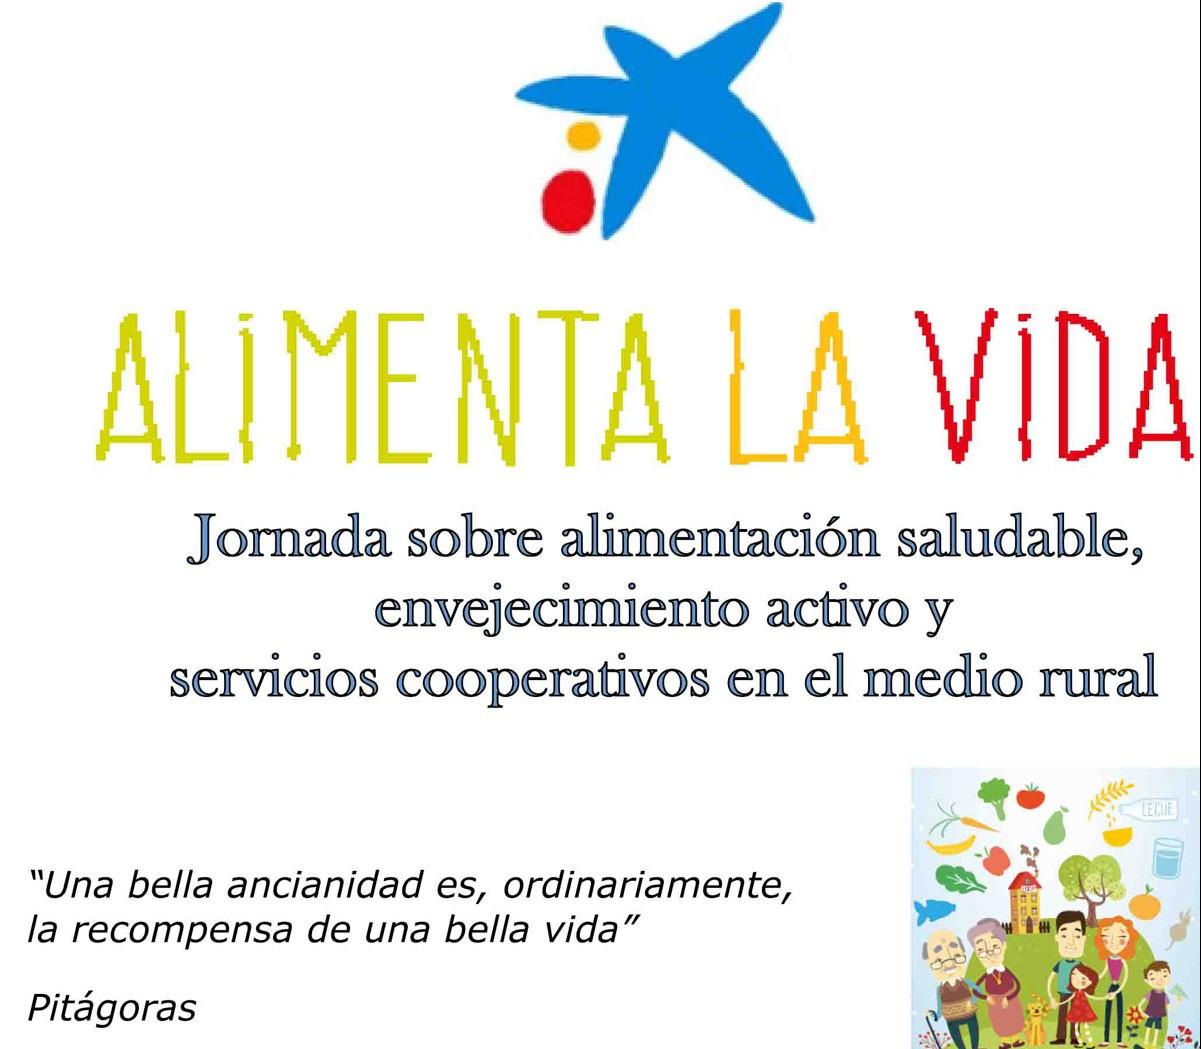 Jornada sobre alimentación saludable, envejecimiento activo y servicios cooperativos en el medio rural